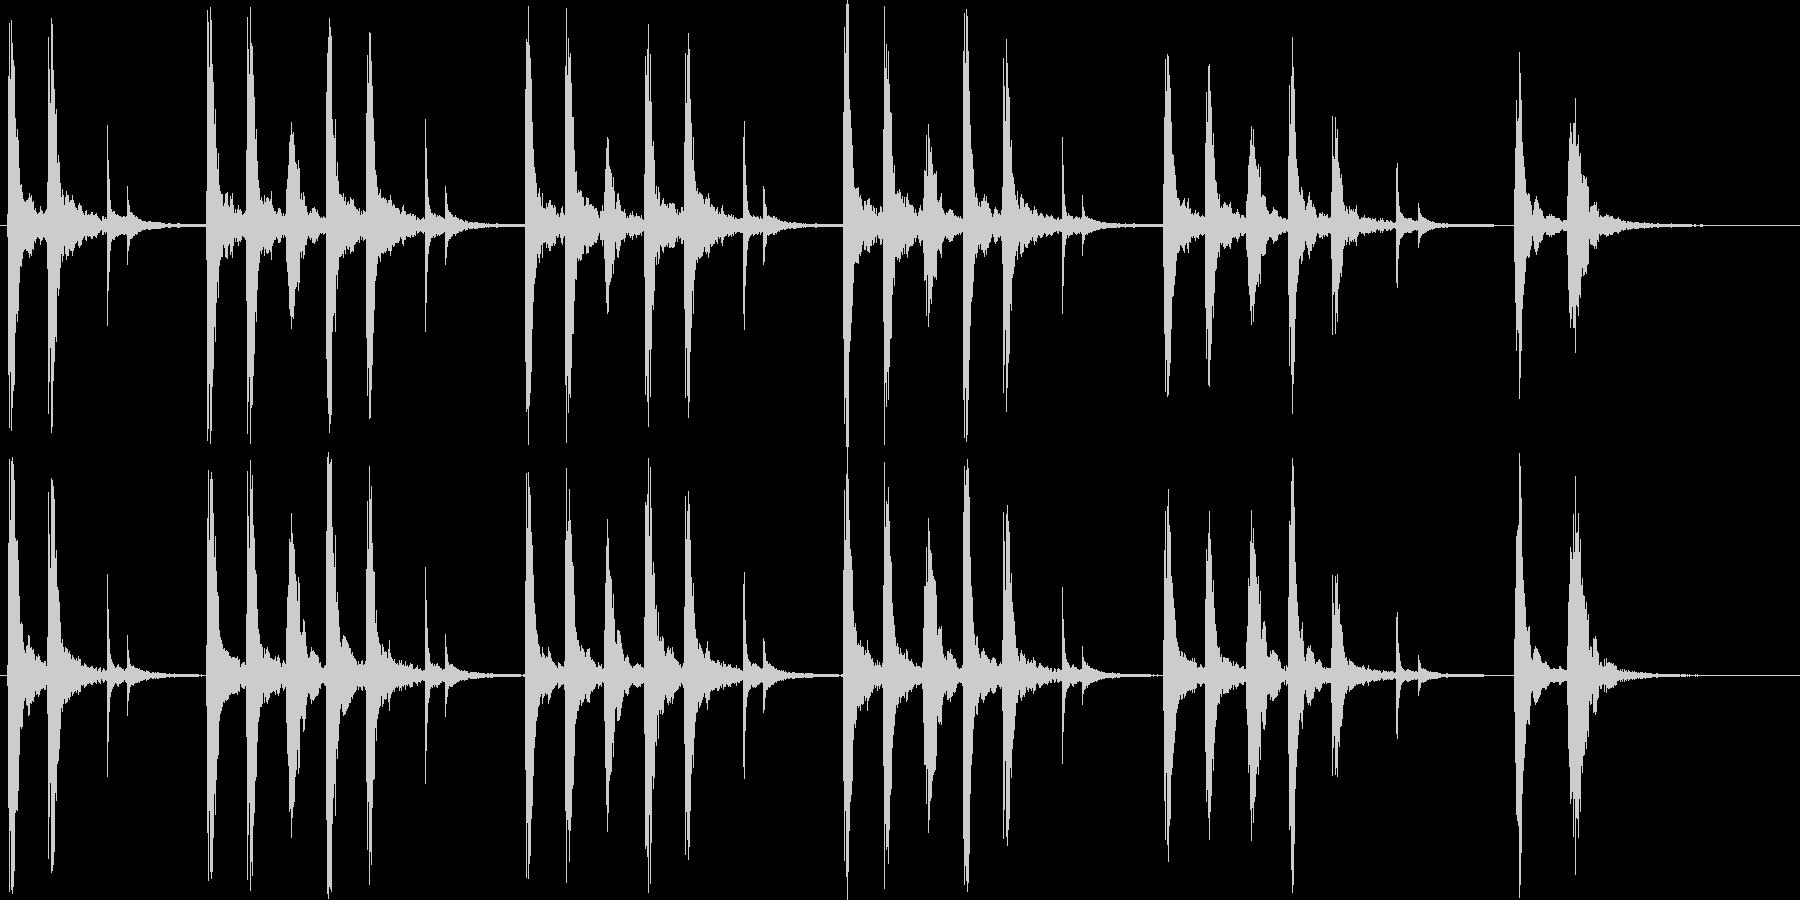 リズミカルで楽しげなポップスの未再生の波形